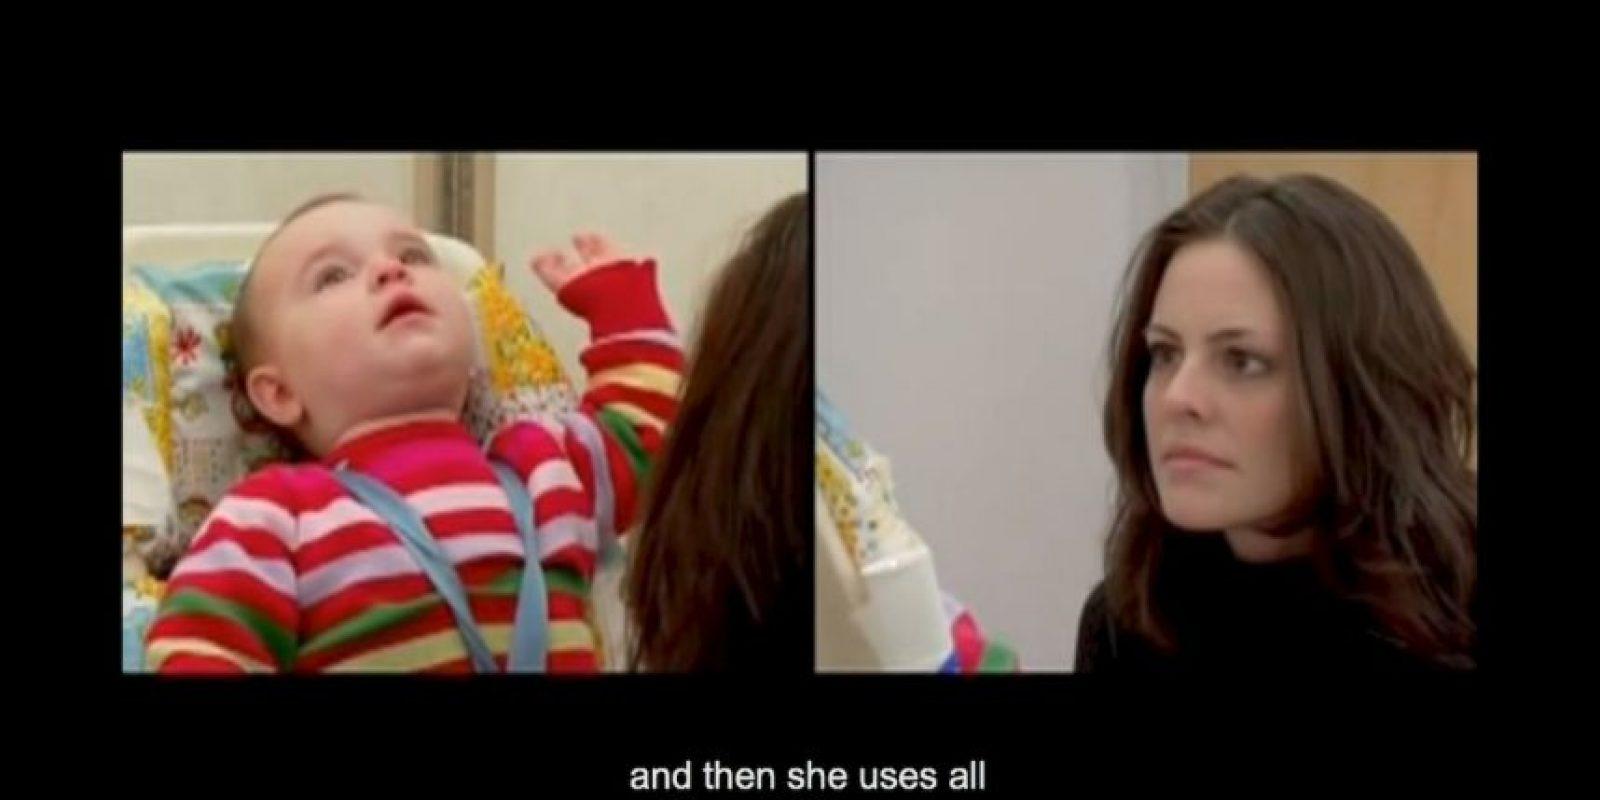 Las reacciones positivas ayudan al desarrollo emocional de los bebés Foto:Captura de Pantalla UMass